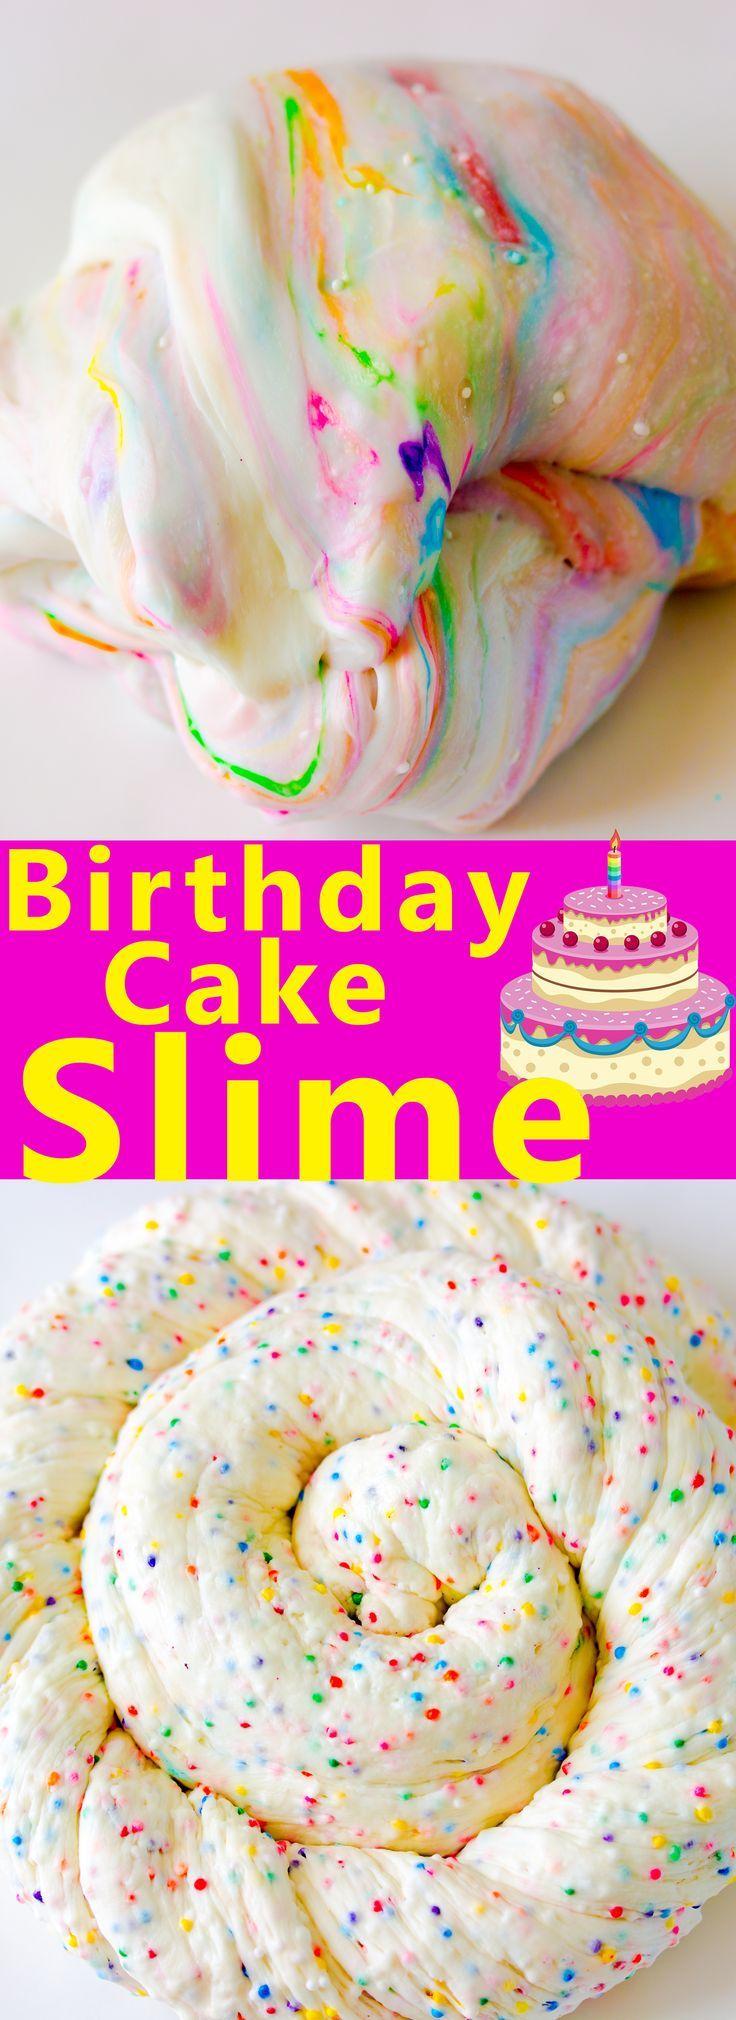 DIY Edible Slime Candy!! *SLIME YOU CAN EAT! Birthday Cake Slime DIY Edible Marshmallow Slime